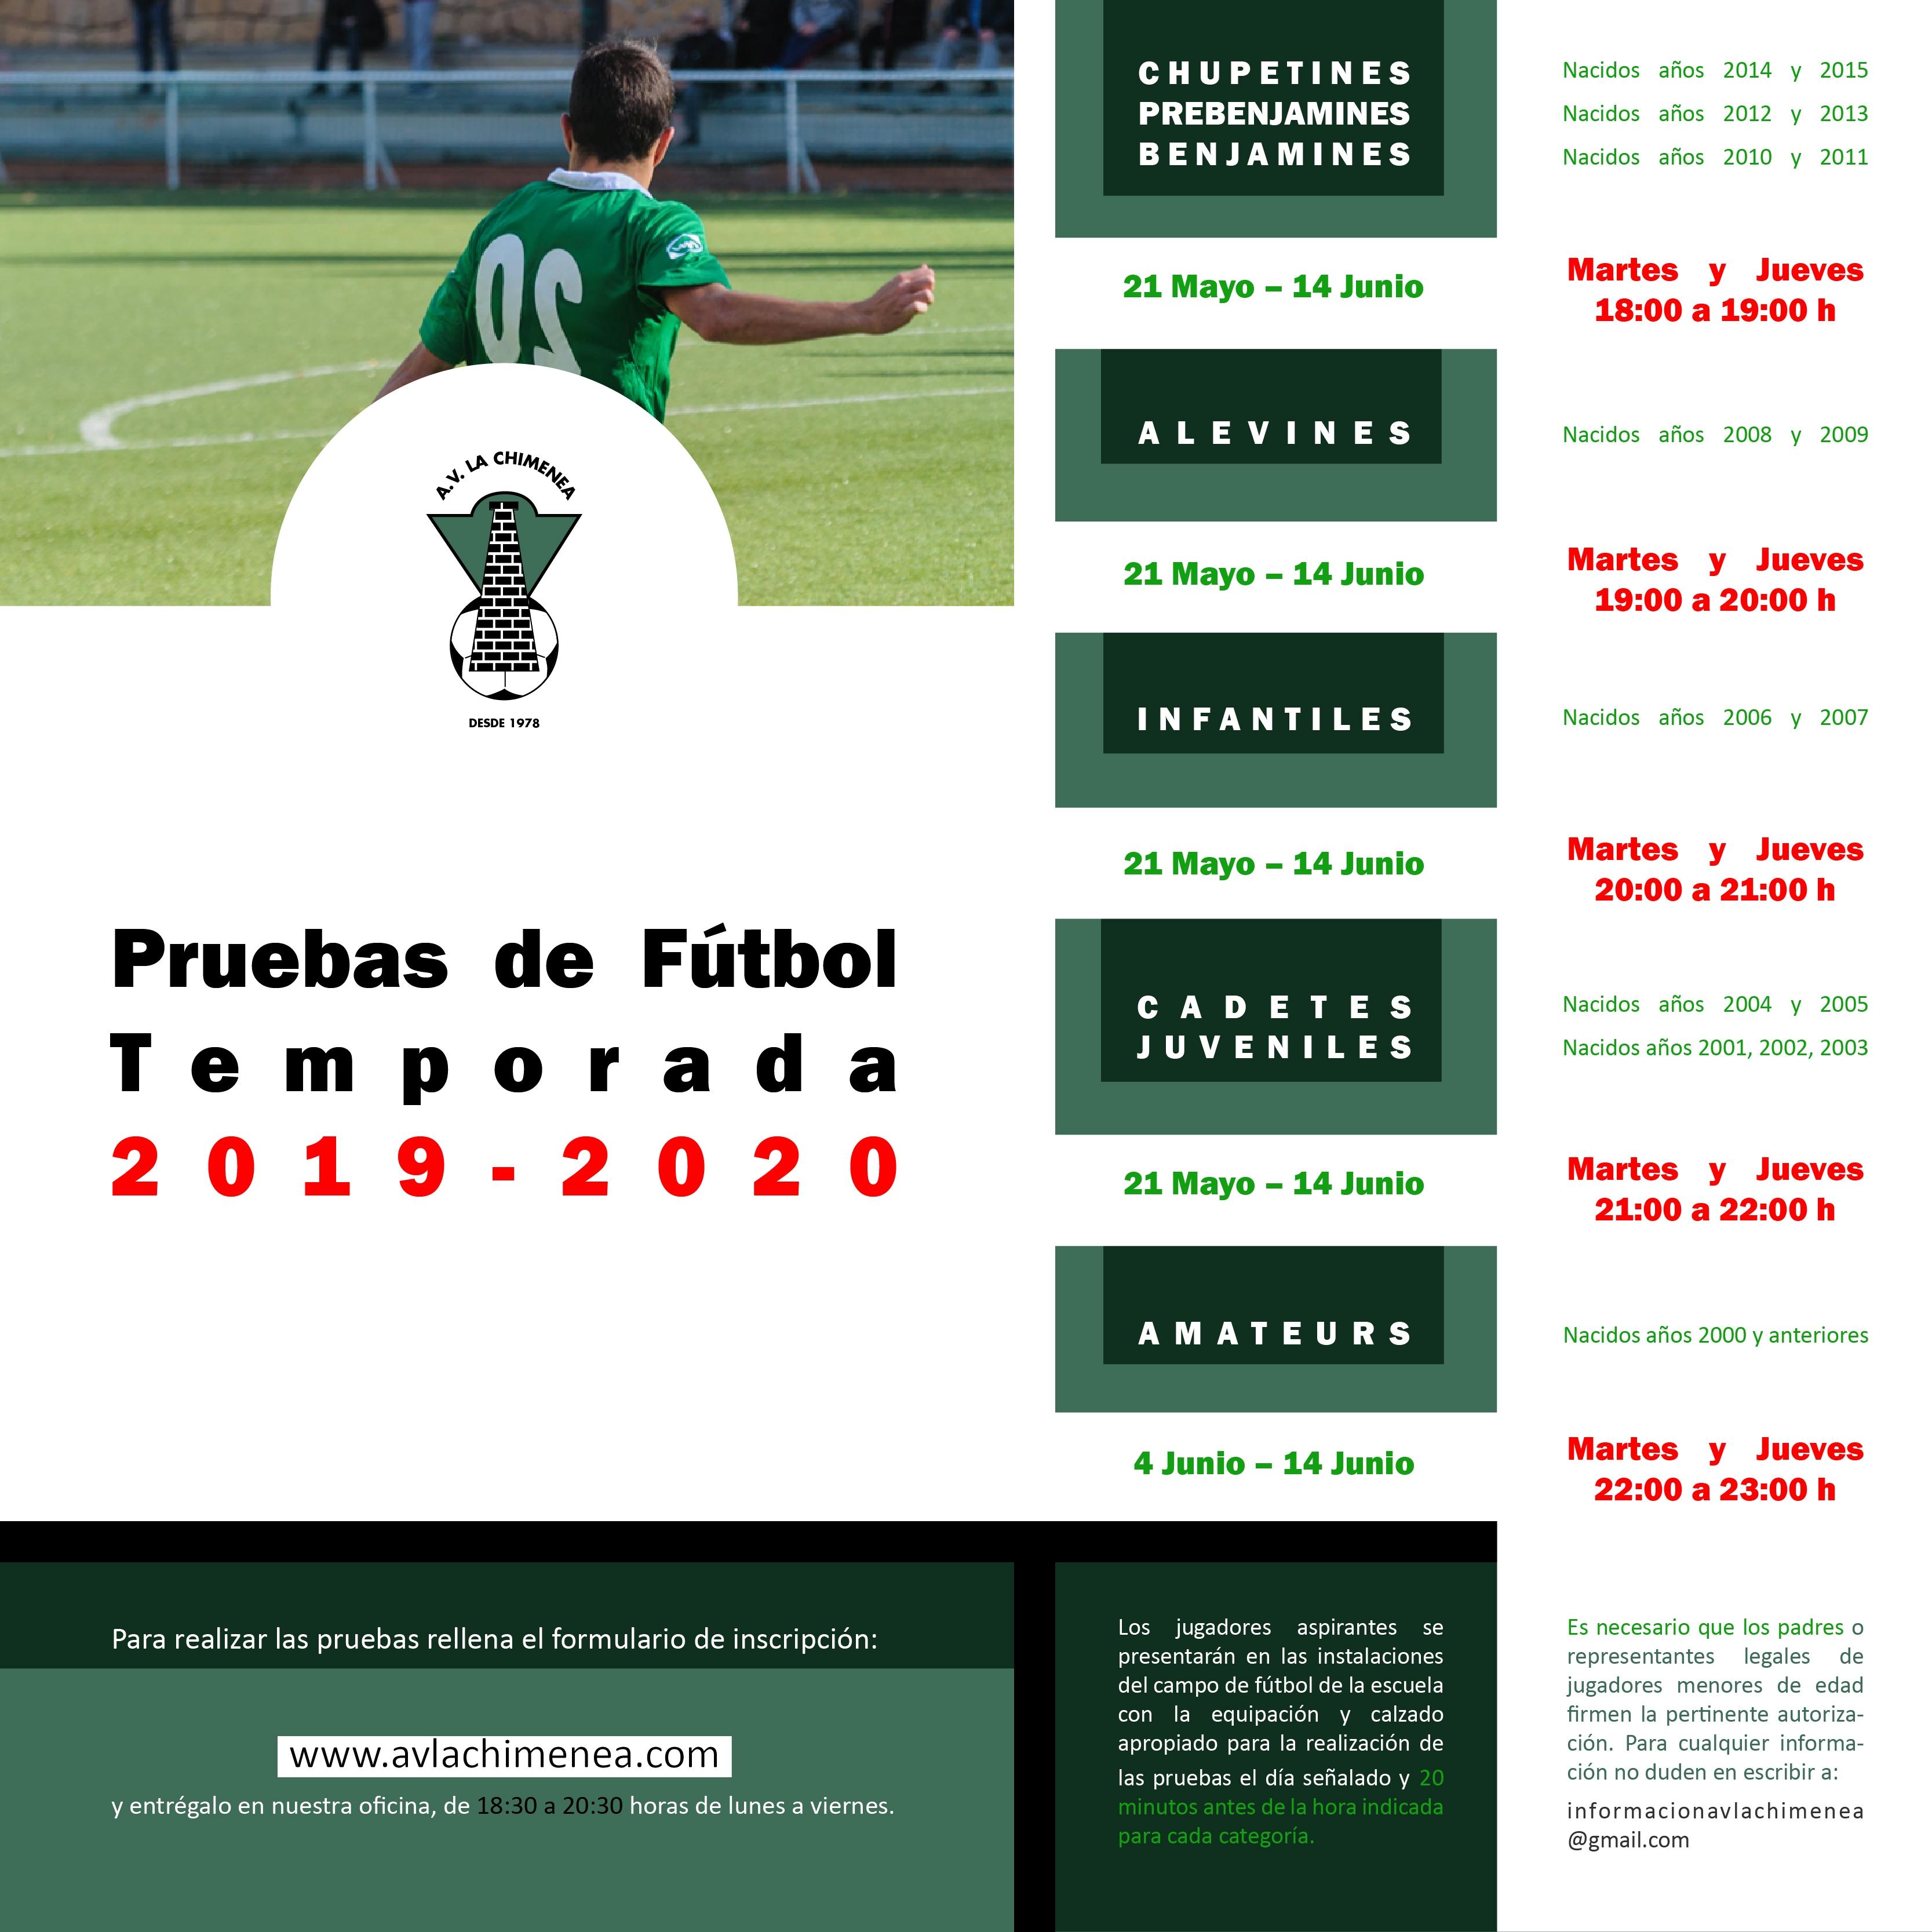 DETALLES DEL ADJUNTO  AV-la-Chimenea-Pruebas-de-Fútbol-temporada-2019-2020